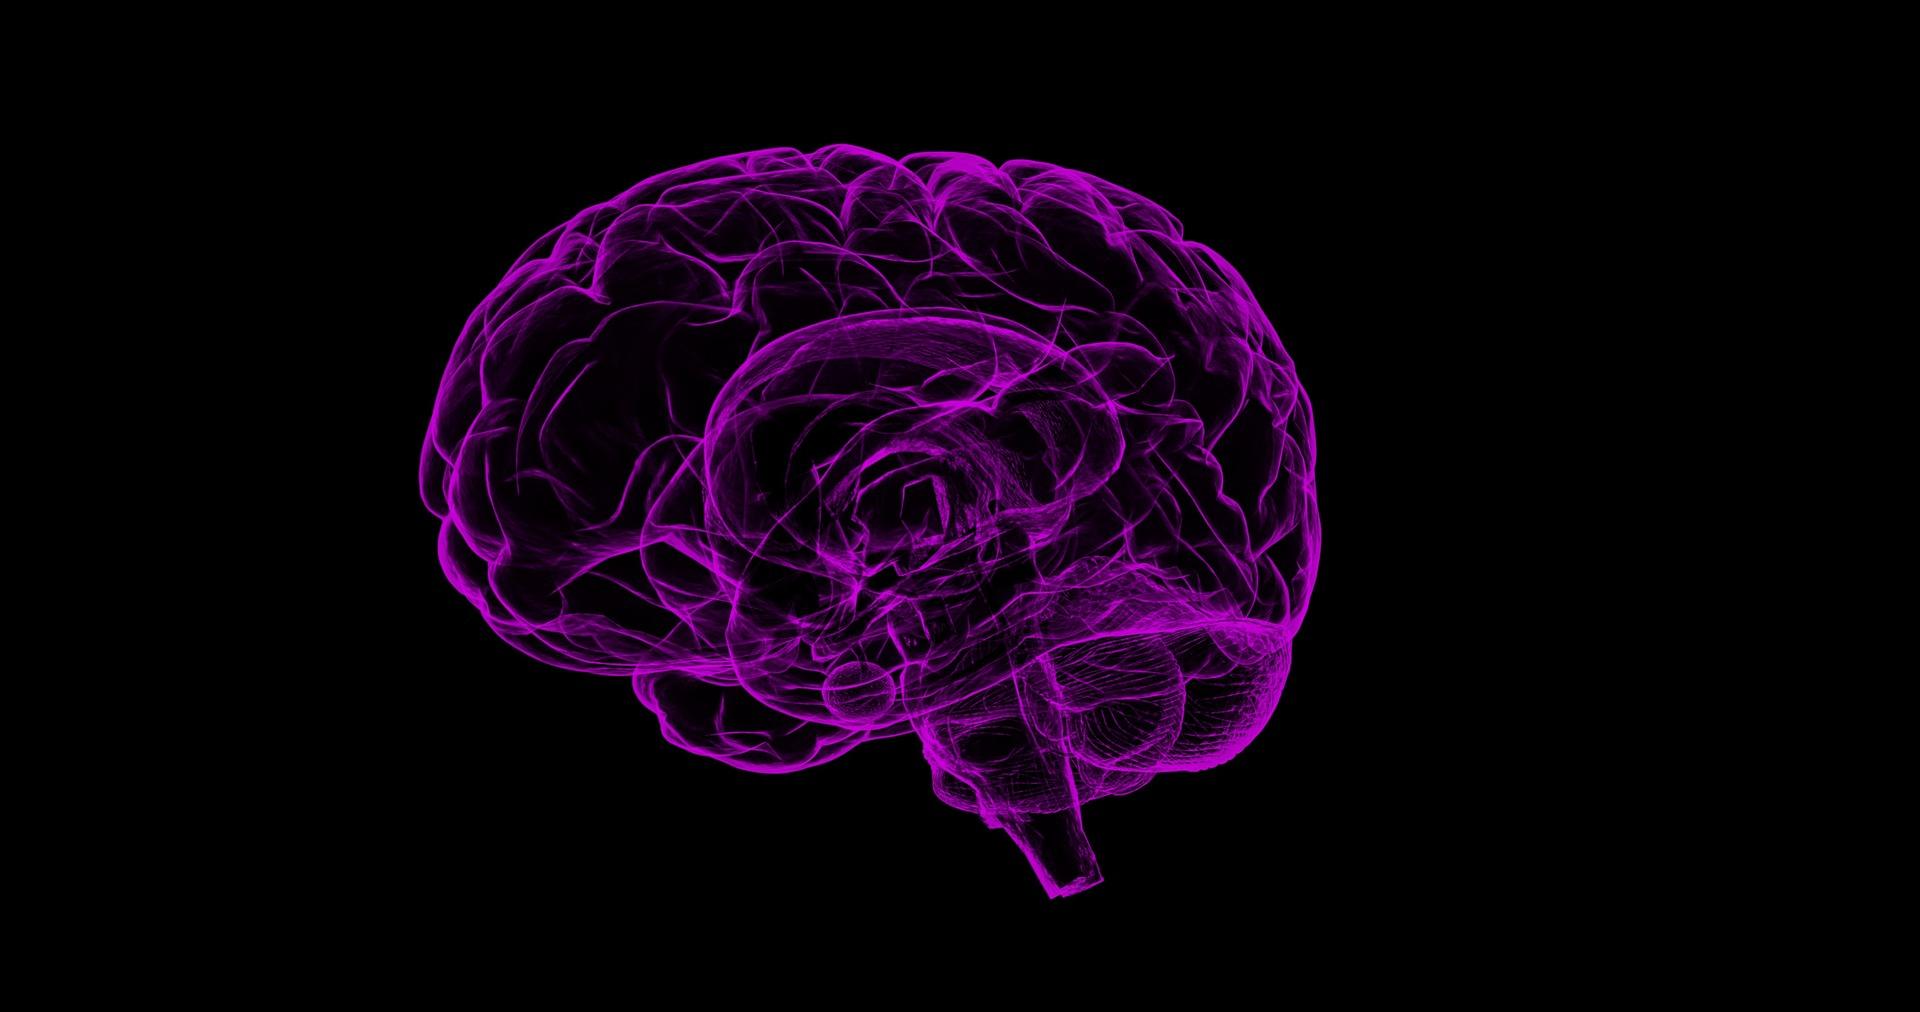 アルツハイマー病の原因物質アミロイドベータたんぱく質の脳内蓄積量を血液検査で判別可能に